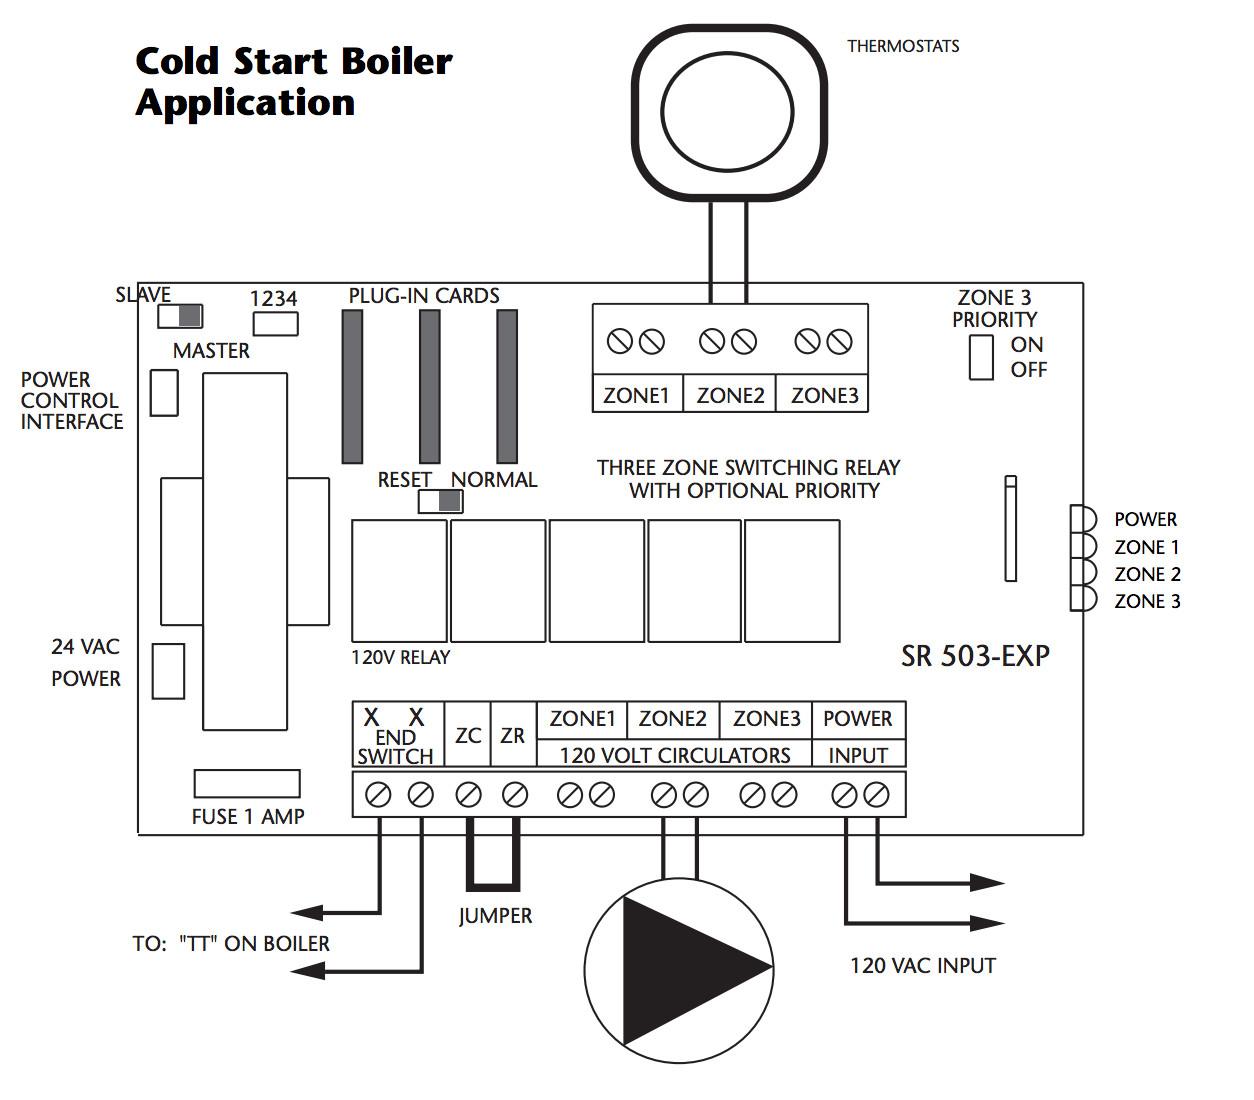 taco 00 circulator wiring schematic diagram Taco Pump Curves taco 006 wiring diagram schematic diagram taco circulator pump relay taco cartridge circulator wiring diagram all